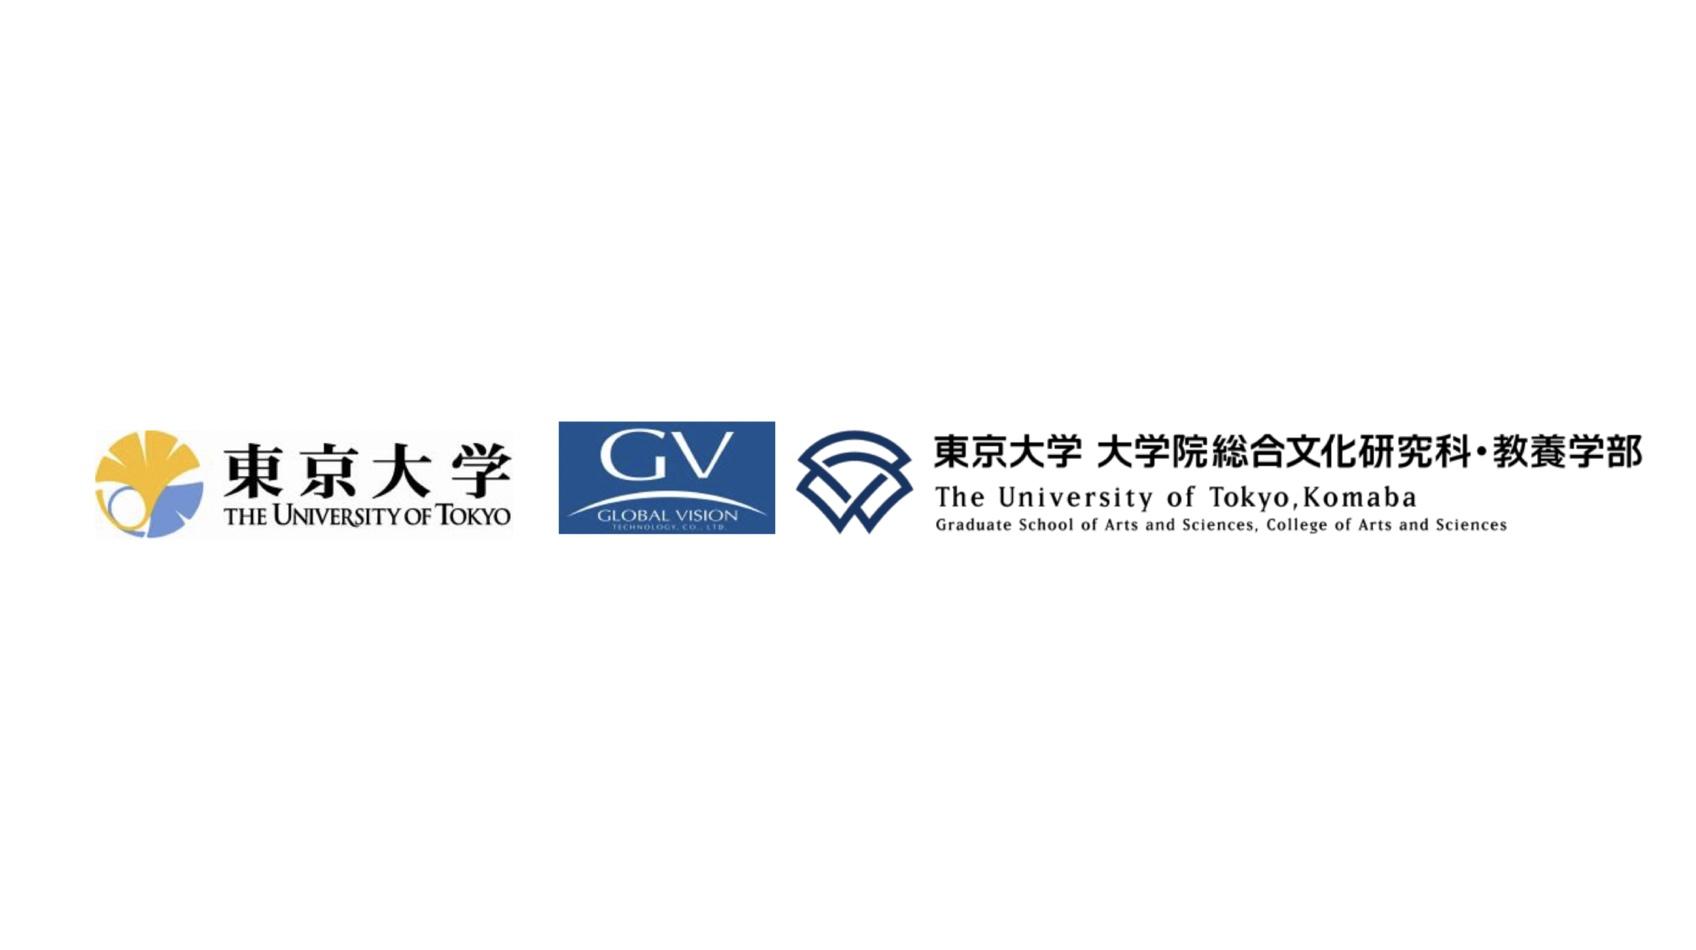 東京大学×グローバルビジョンテクノロジー|世界初、「脳科学的」英語トレーニングアプリ開発の共同研究を開始